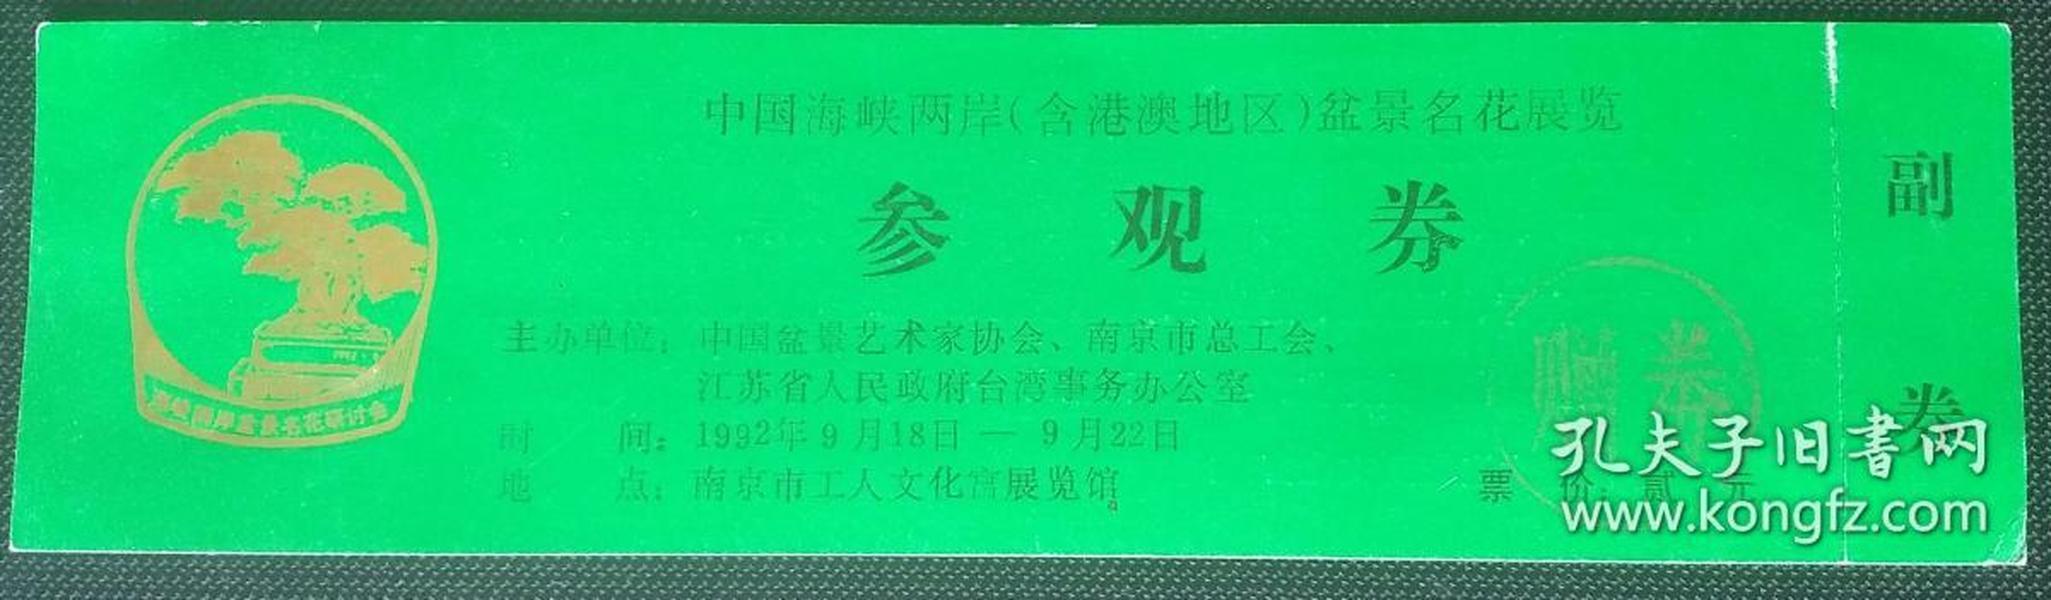 92《海峡两岸盆景展览票》门票2枚